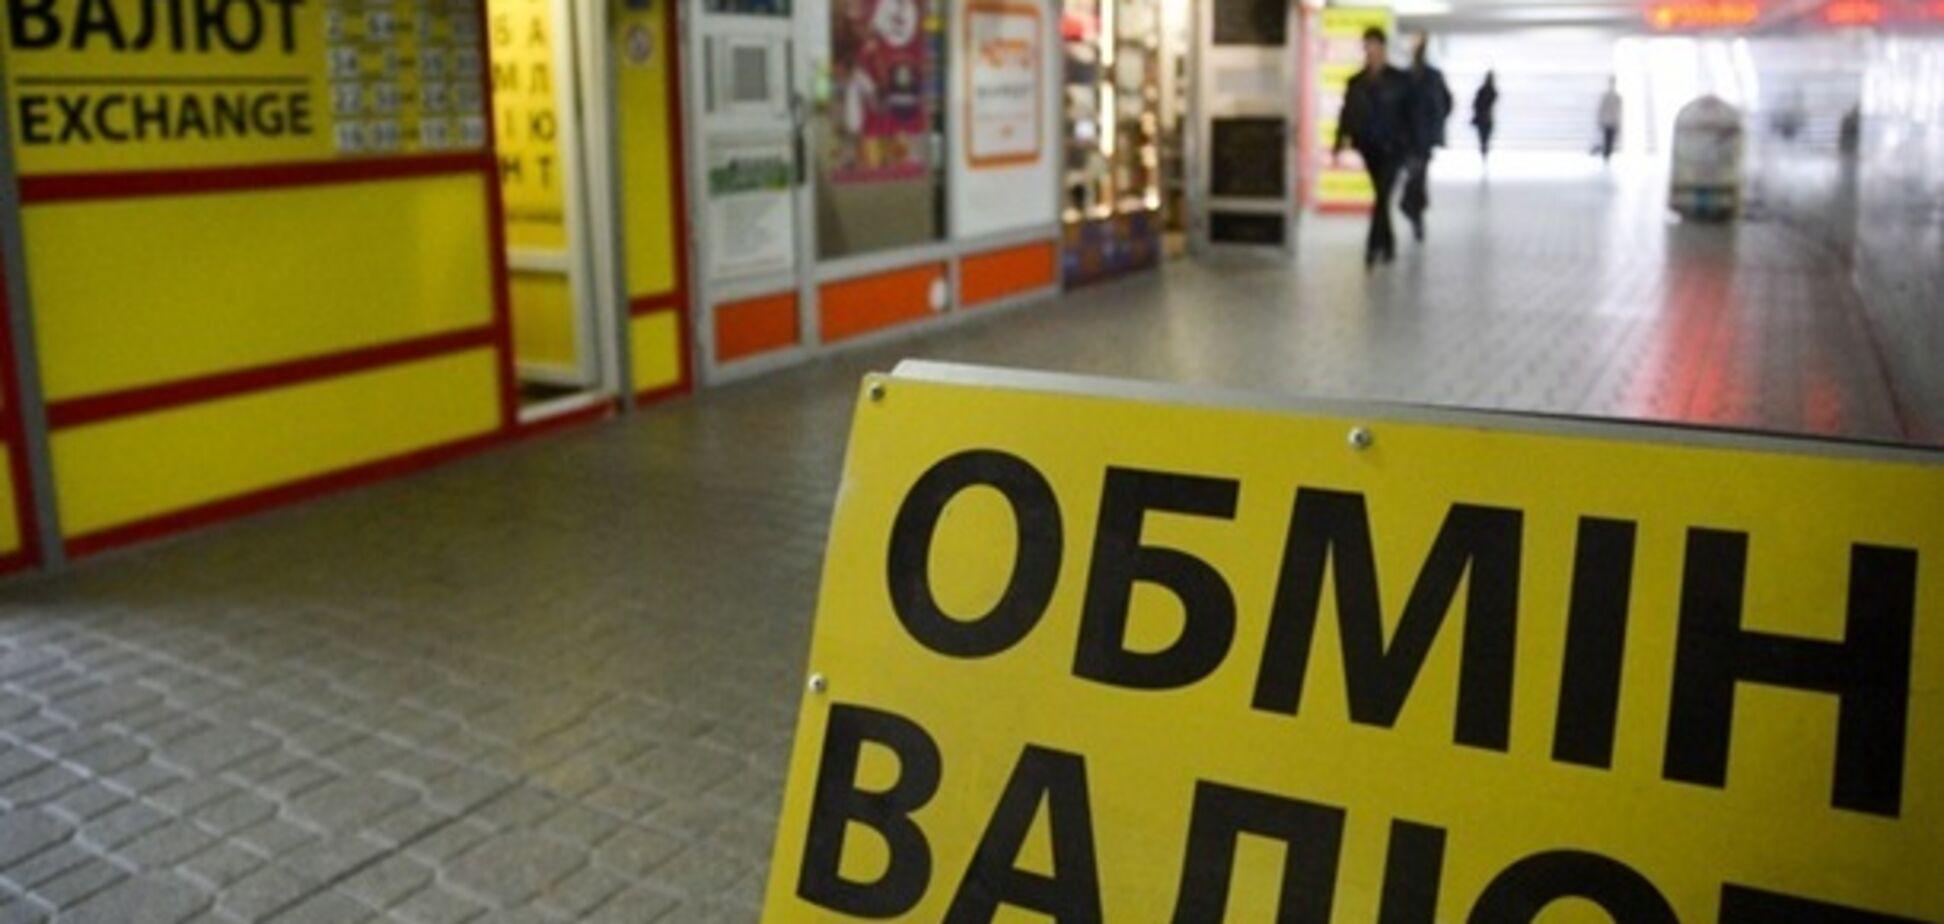 Просят подписать договор: в Украине появился новый вид мошенничества с псевдообменниками